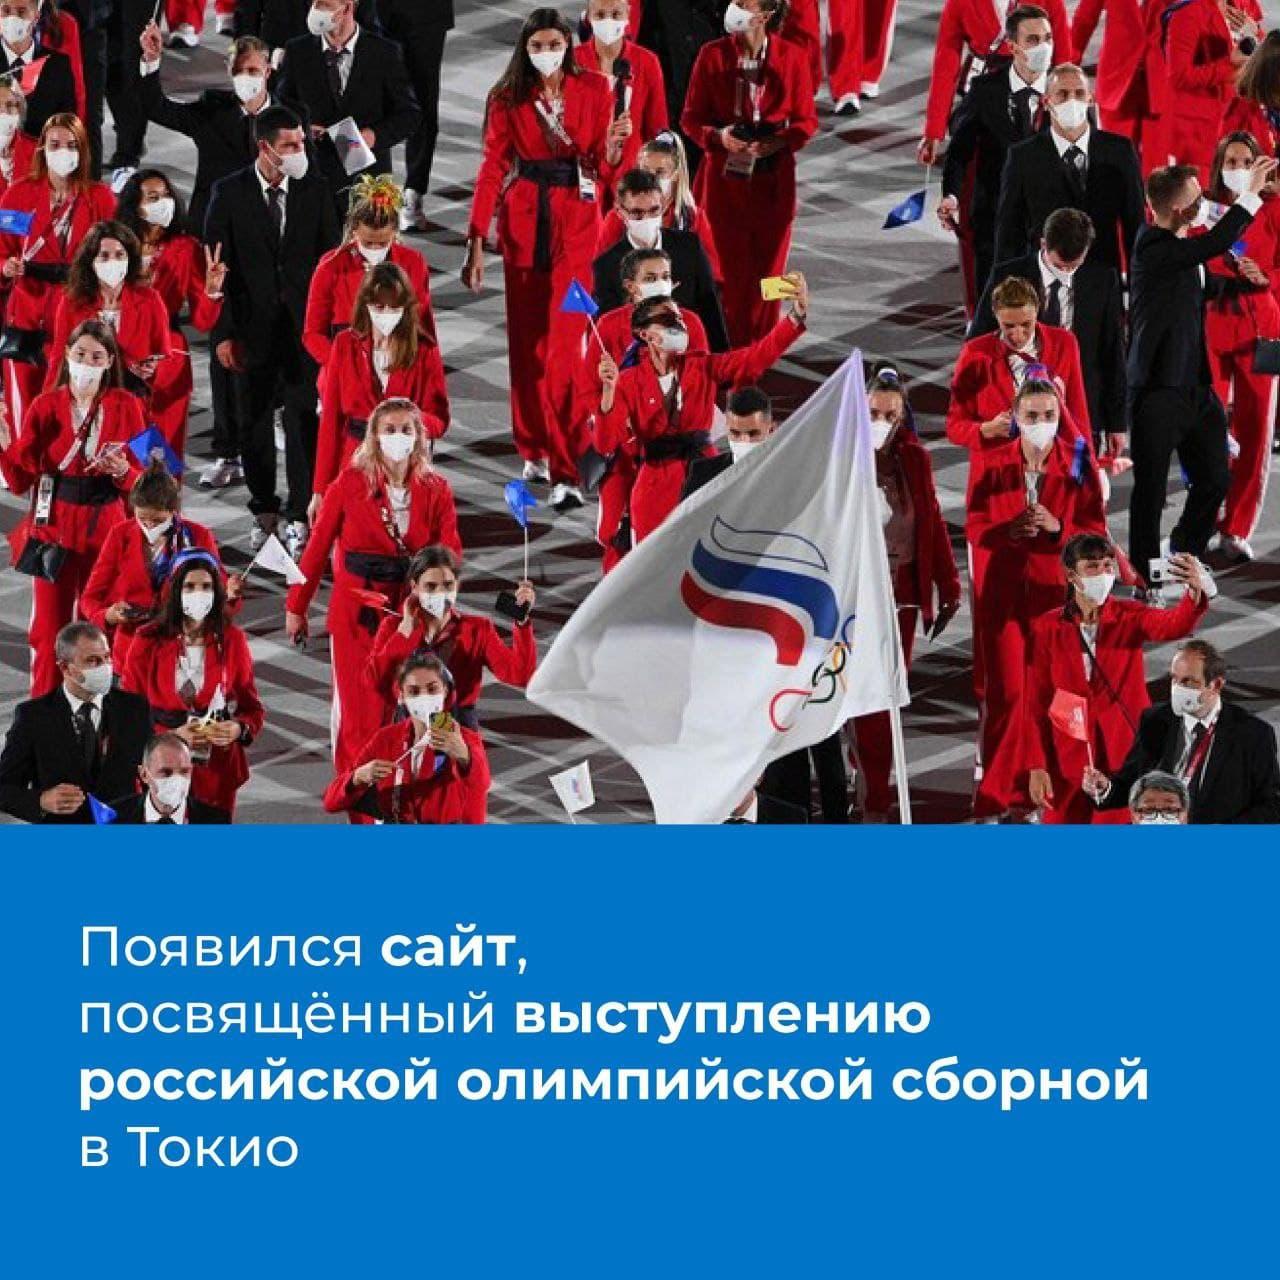 Сейчас проходят Олимпийские игры в Токио. Наши спортсмены завоевали уже 31 медаль, из них 10 золотых